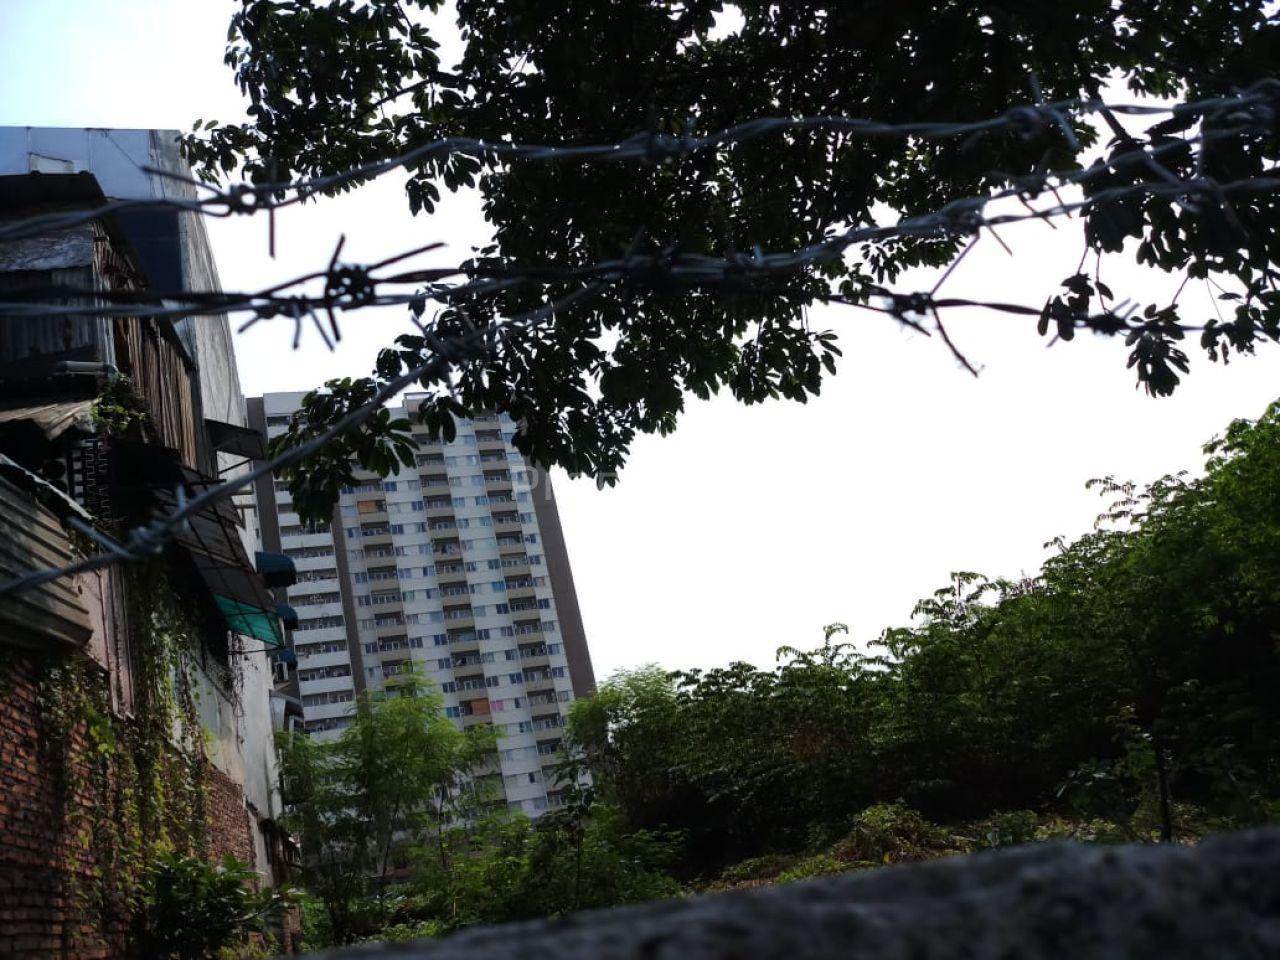 Lahan Komersial 1,2 Ha di Jalan Daan Mogot, Jakarta Barat, DKI Jakarta